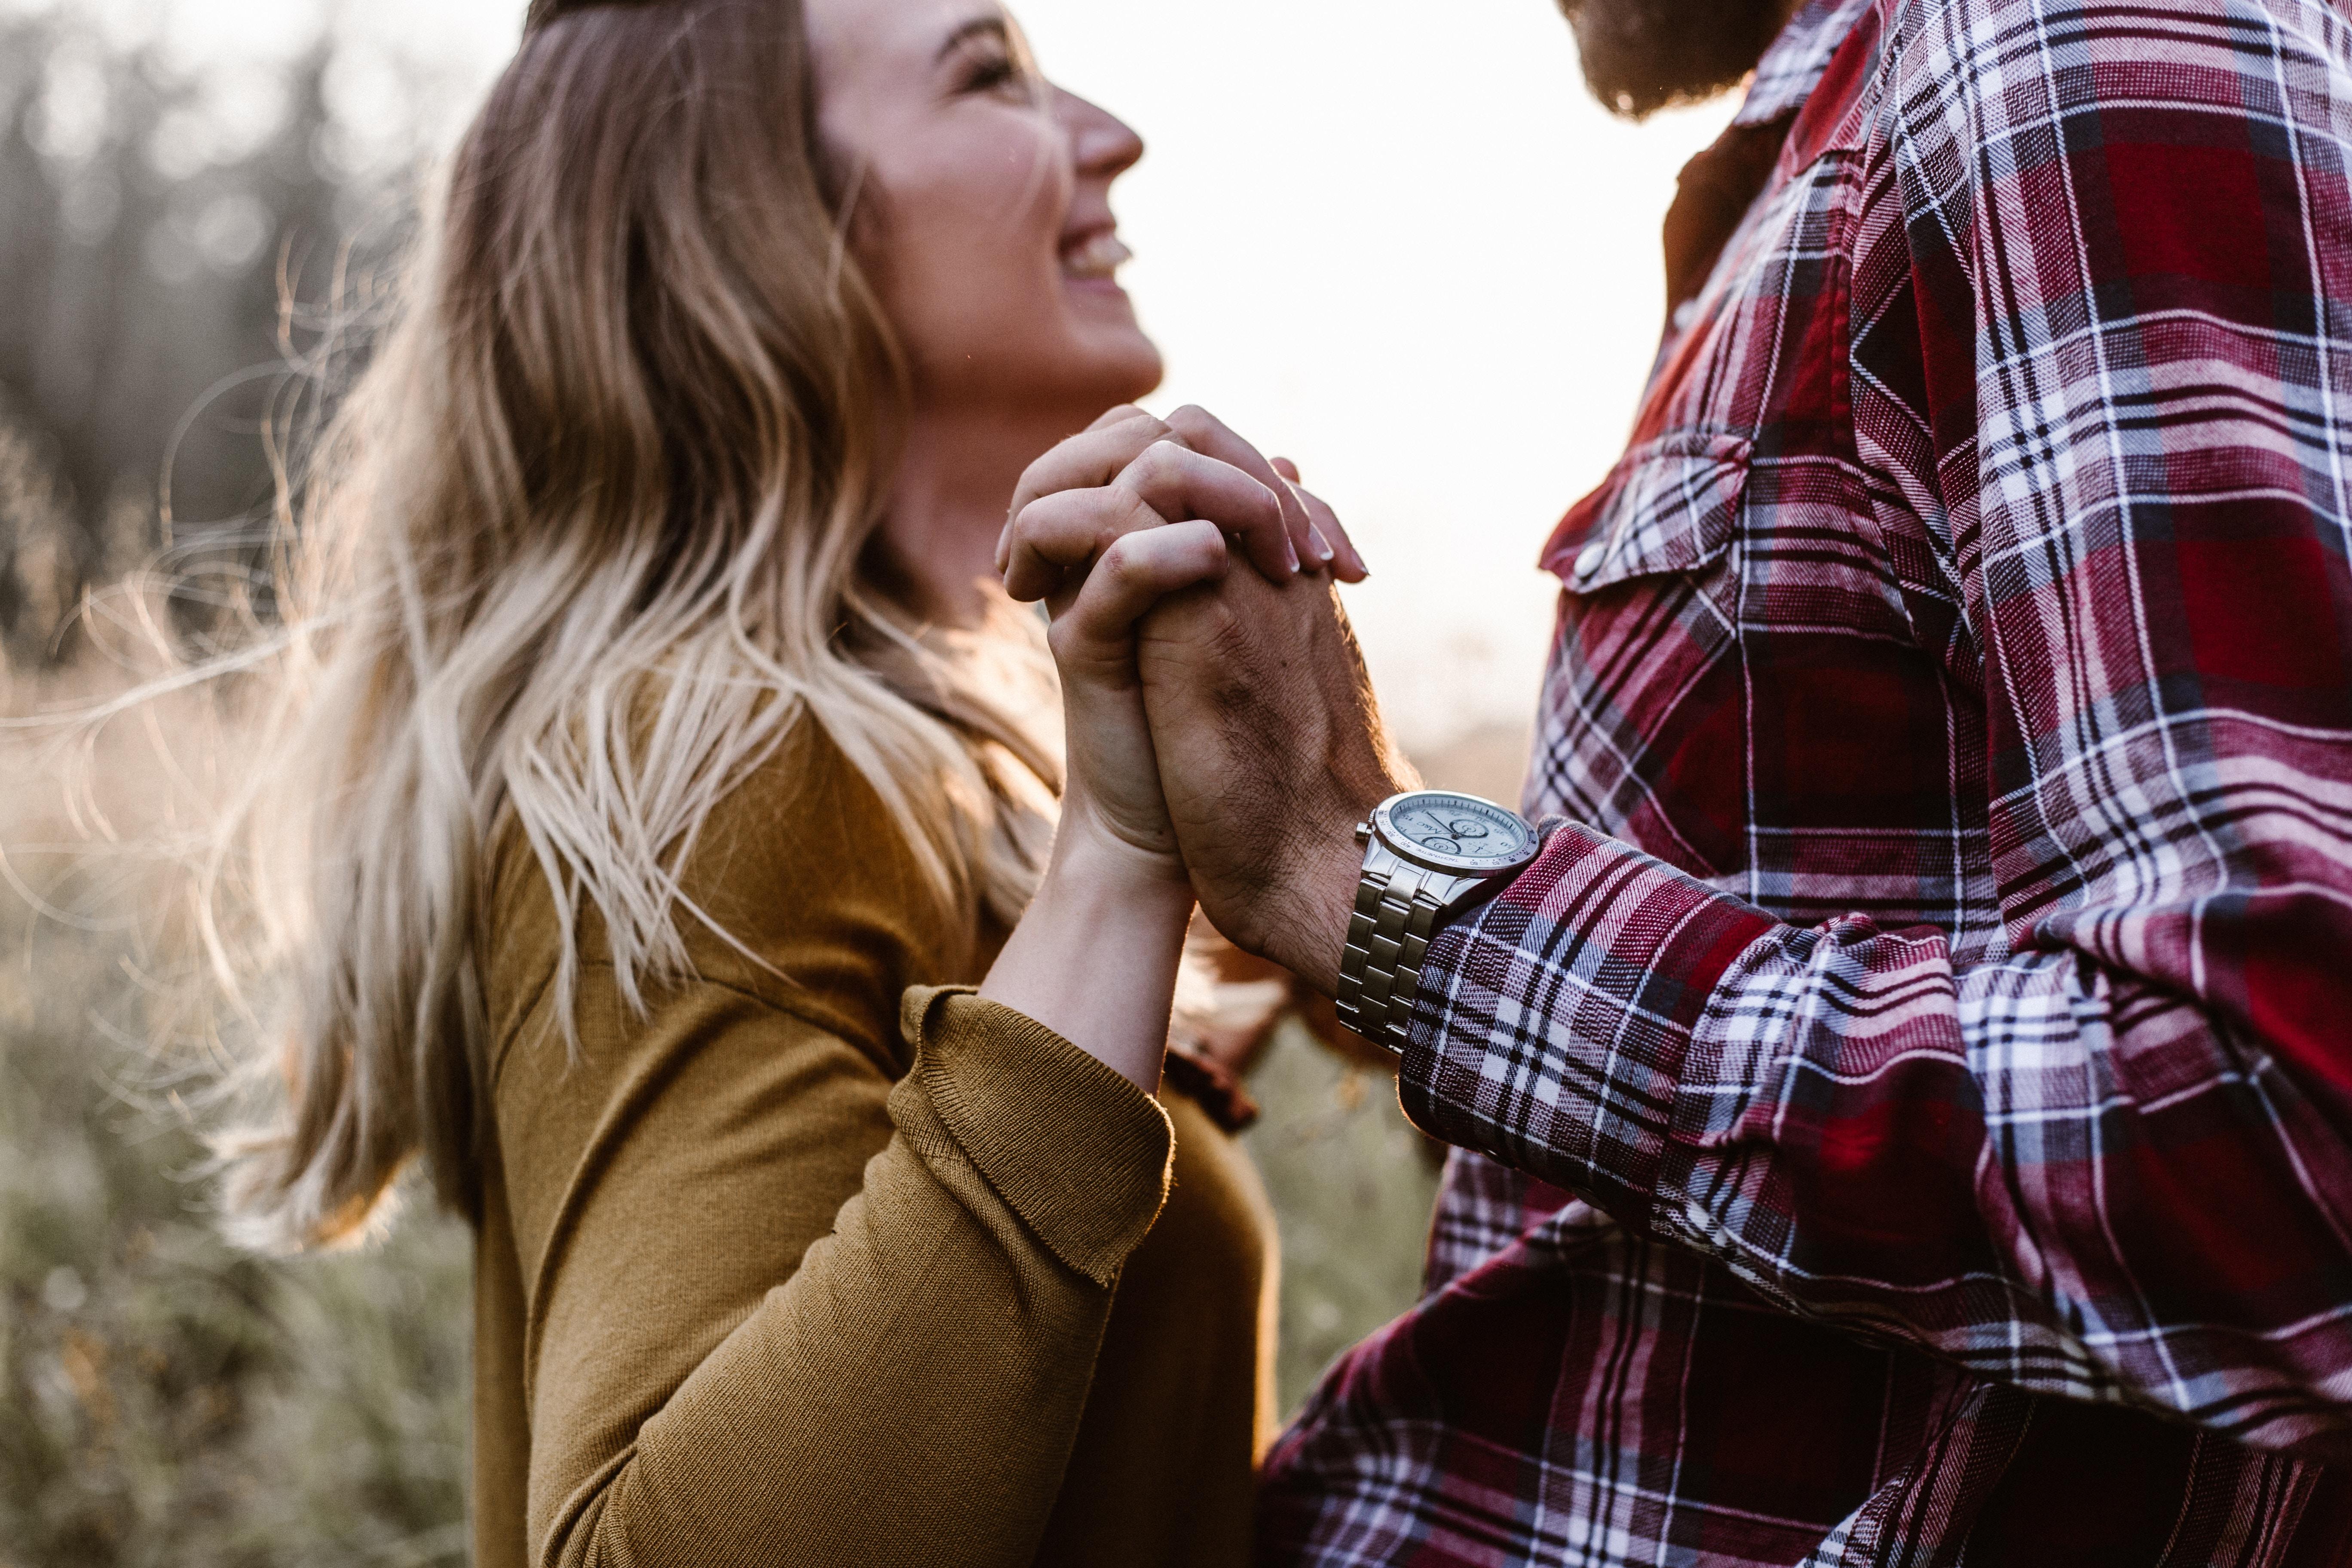 randki miłosne serwis randkowy bezpłatne przeglądanie